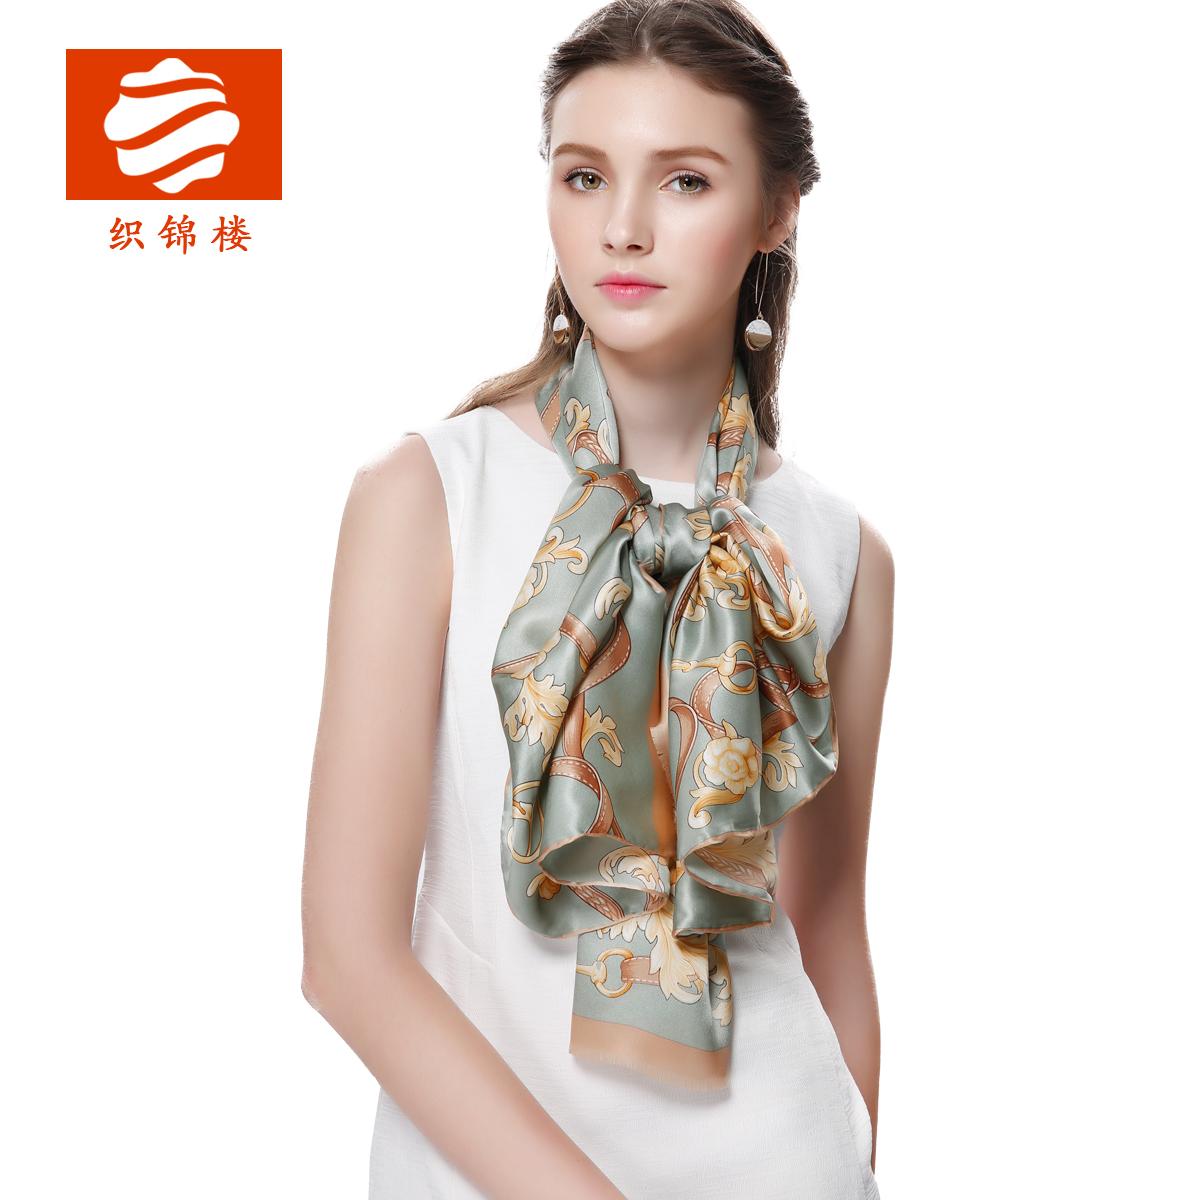 禮盒圍巾女士真絲披肩夏季絲巾長款桑蠶絲 織錦樓長巾